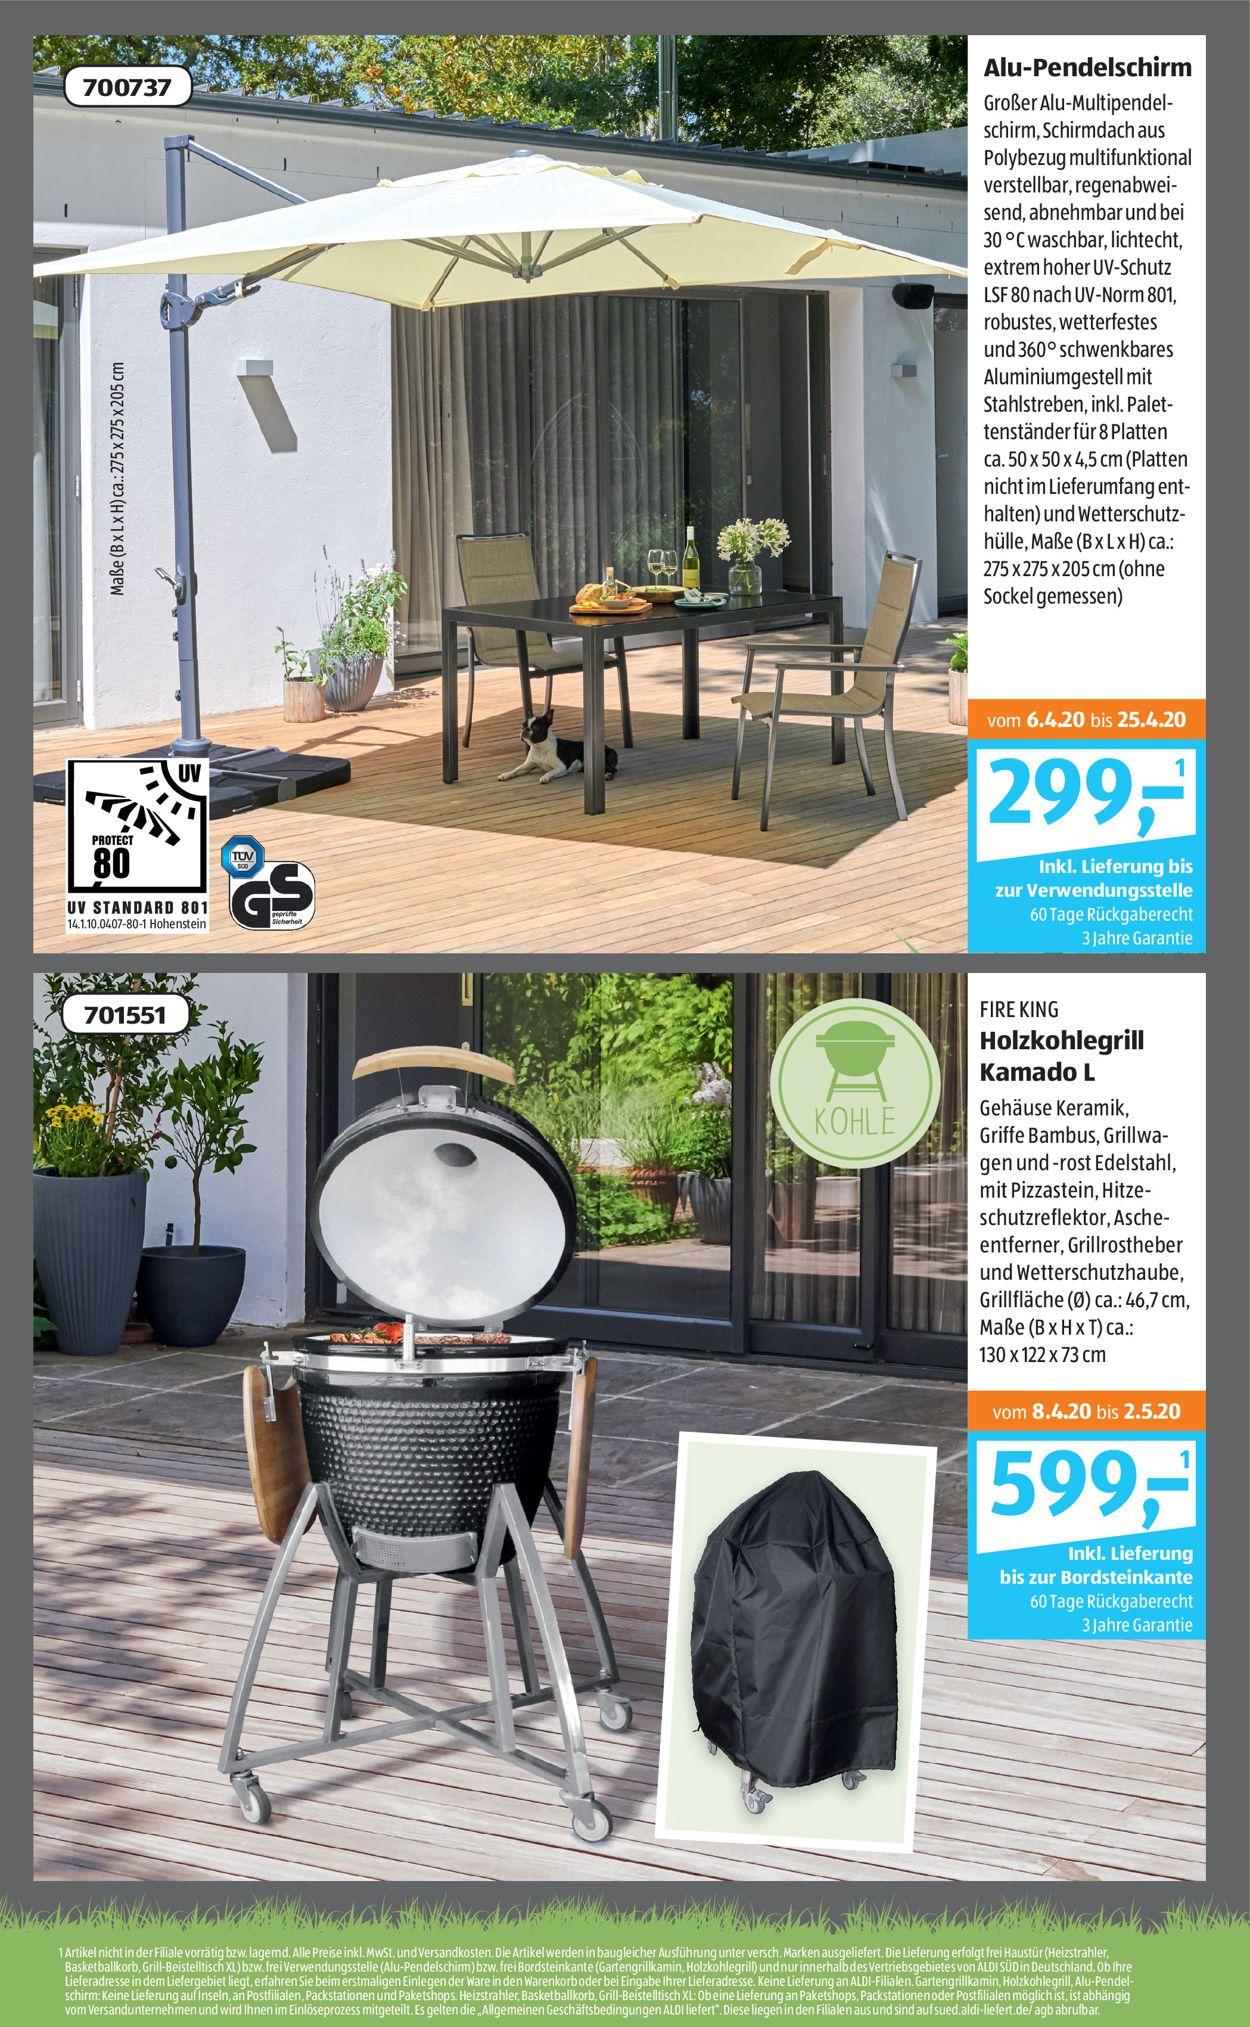 Küchenmaschine Aldi Süd 2020 2021